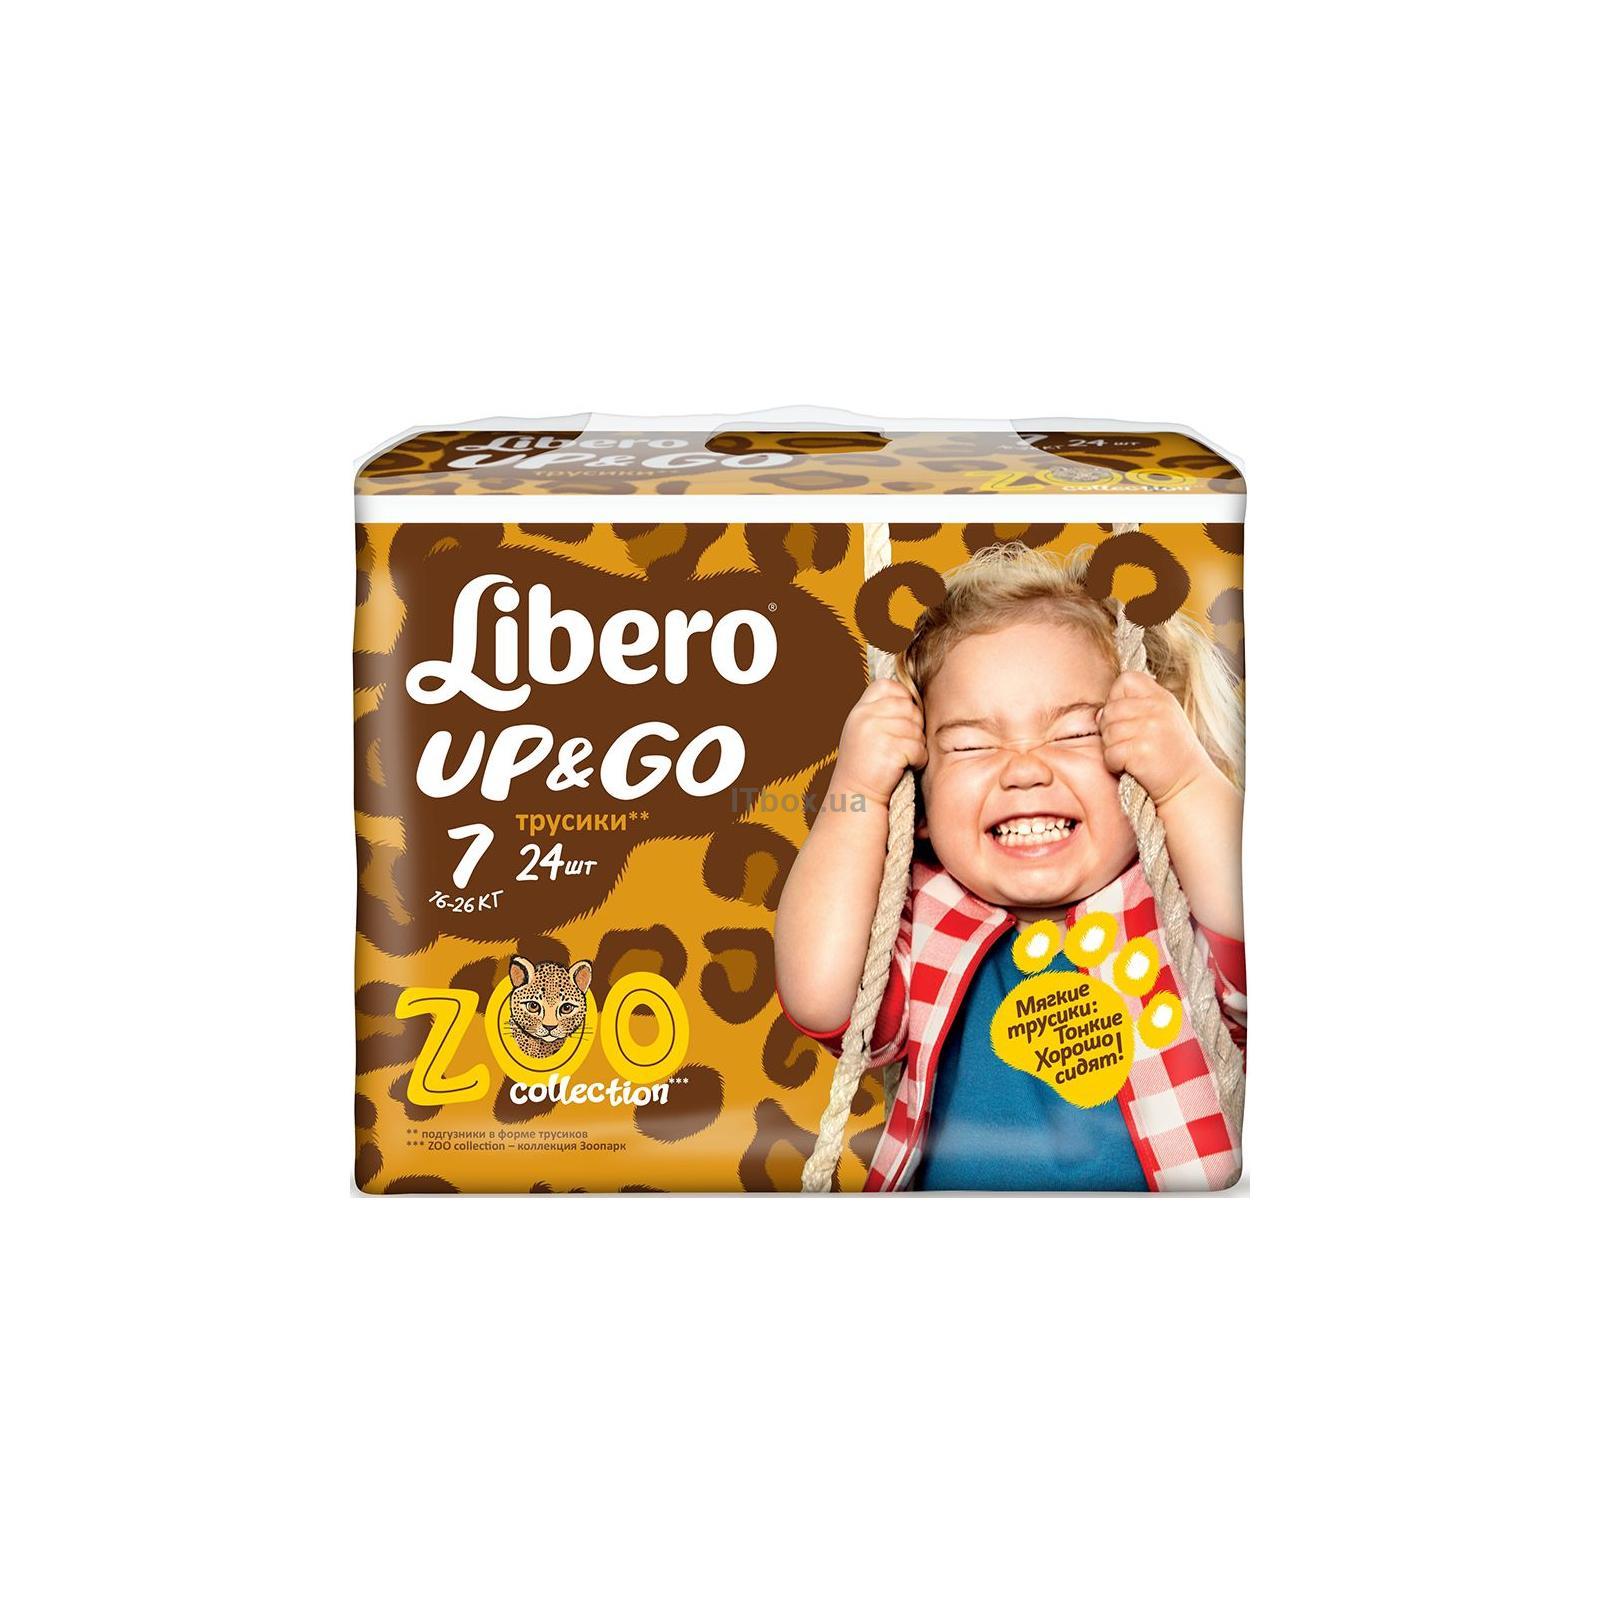 libero up&go 5 купить